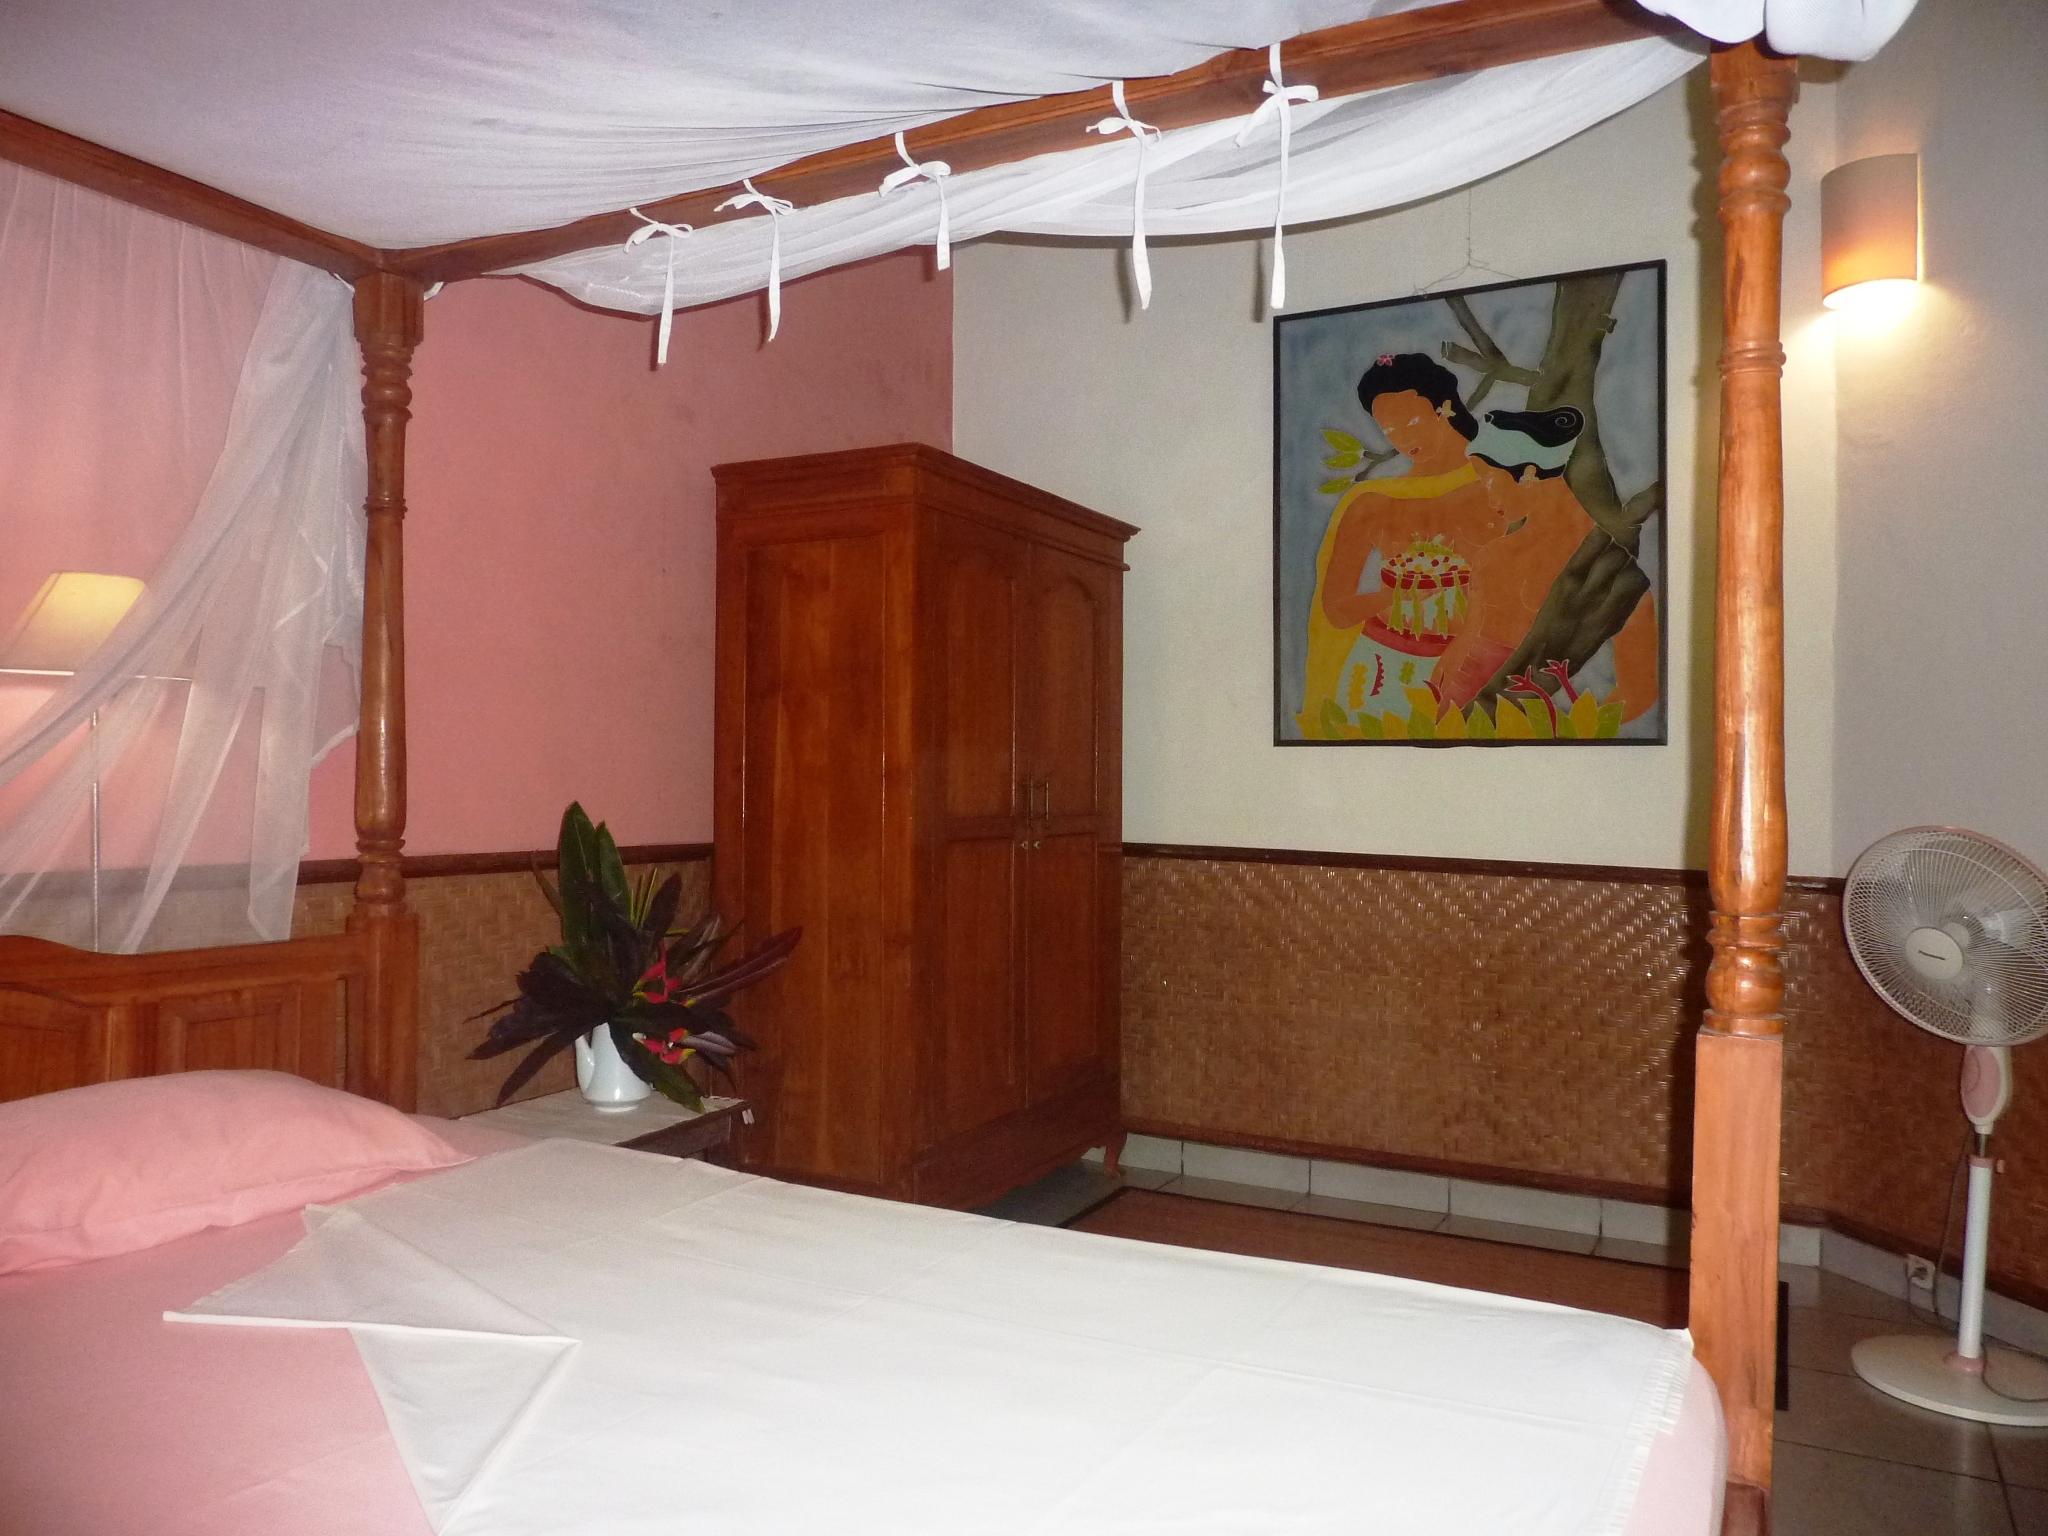 alle Betten haben gut schliessende Moskitonetze